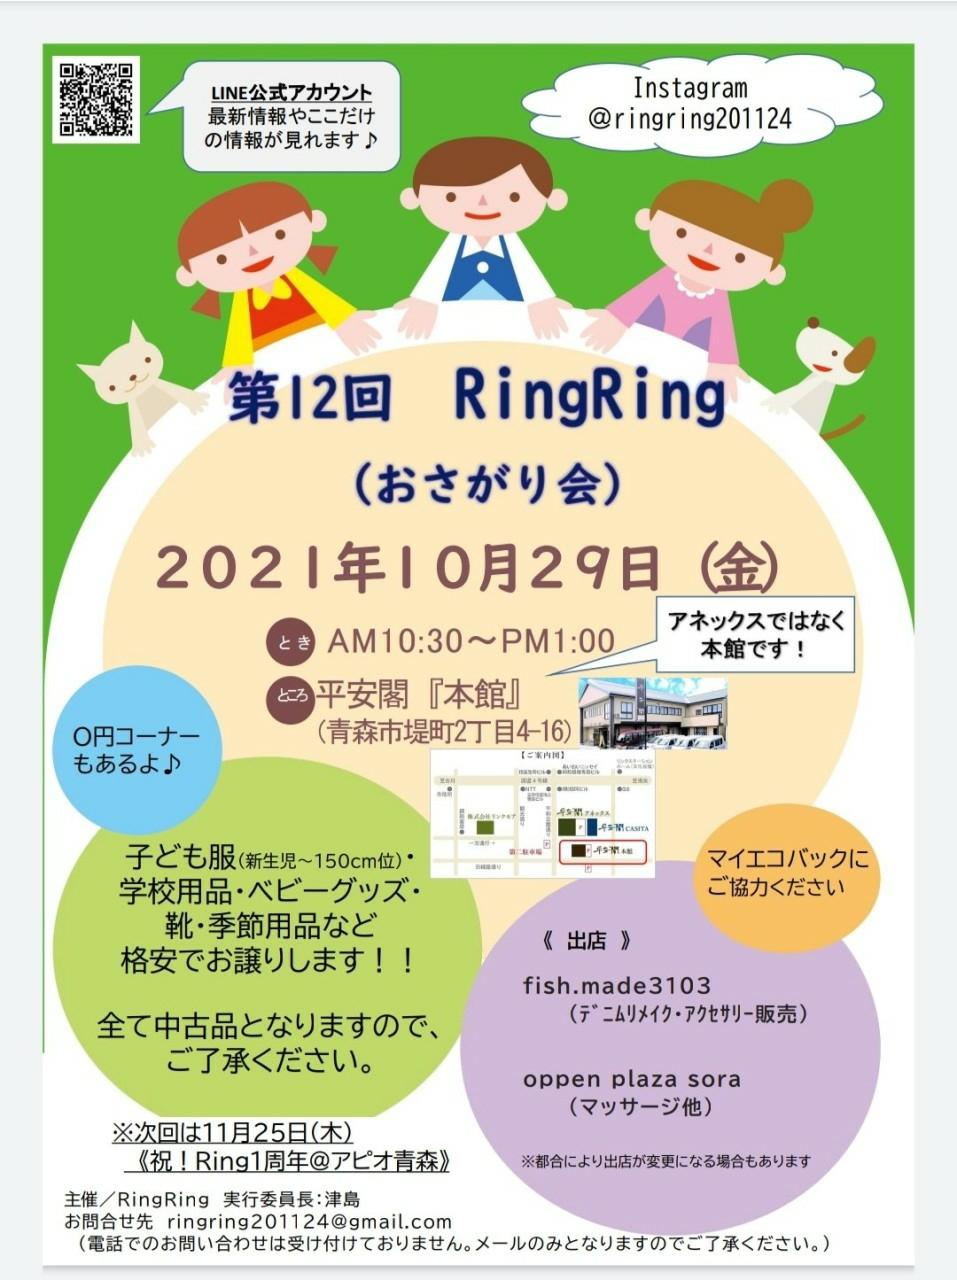 第12回RingRing(おさがり会)が開催されます!